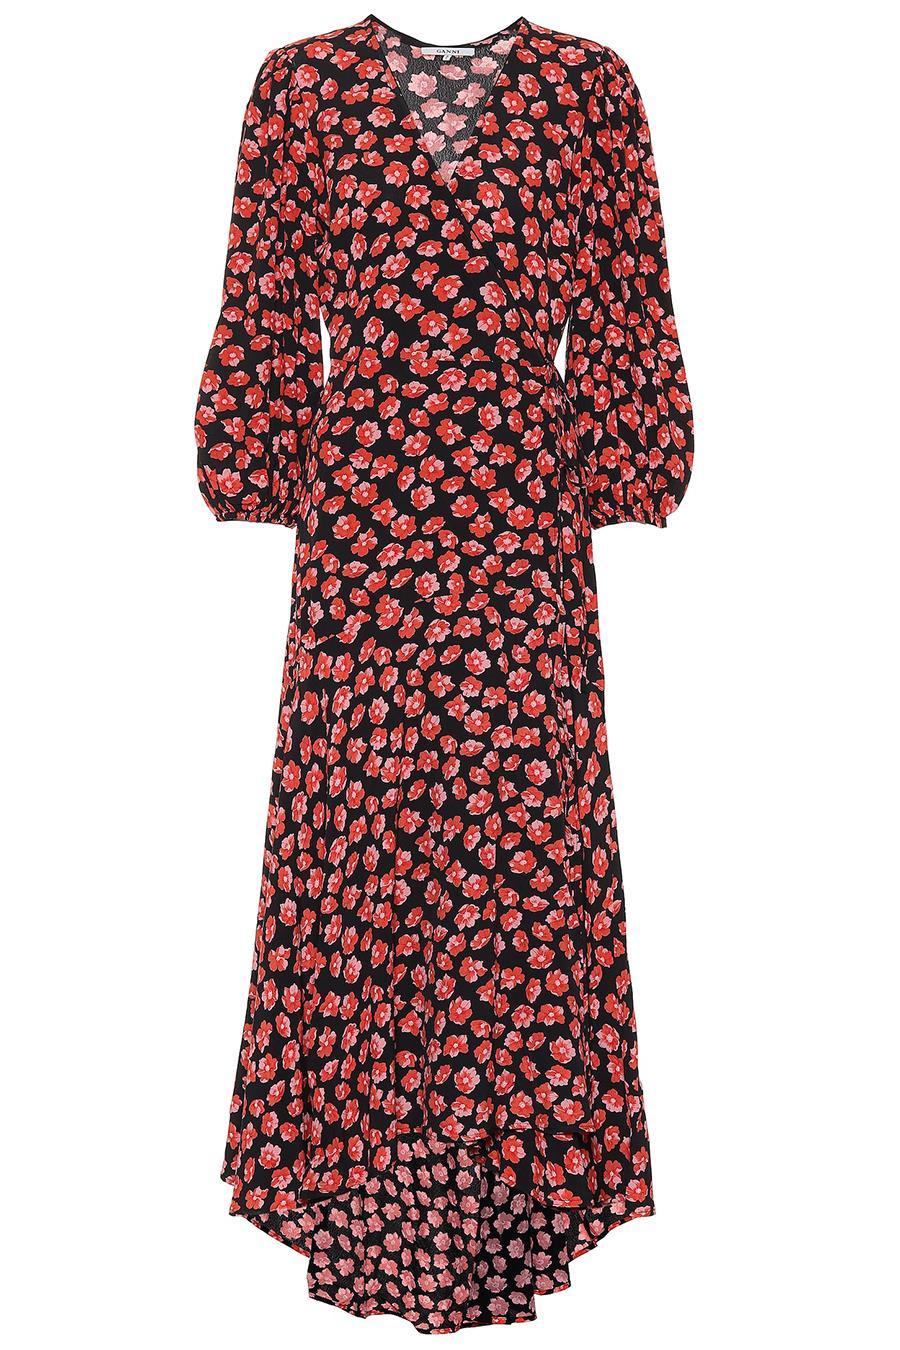 6ec46c7d9f131 vestido-flores-ganni. Vestido cruzado con micro estampado floral